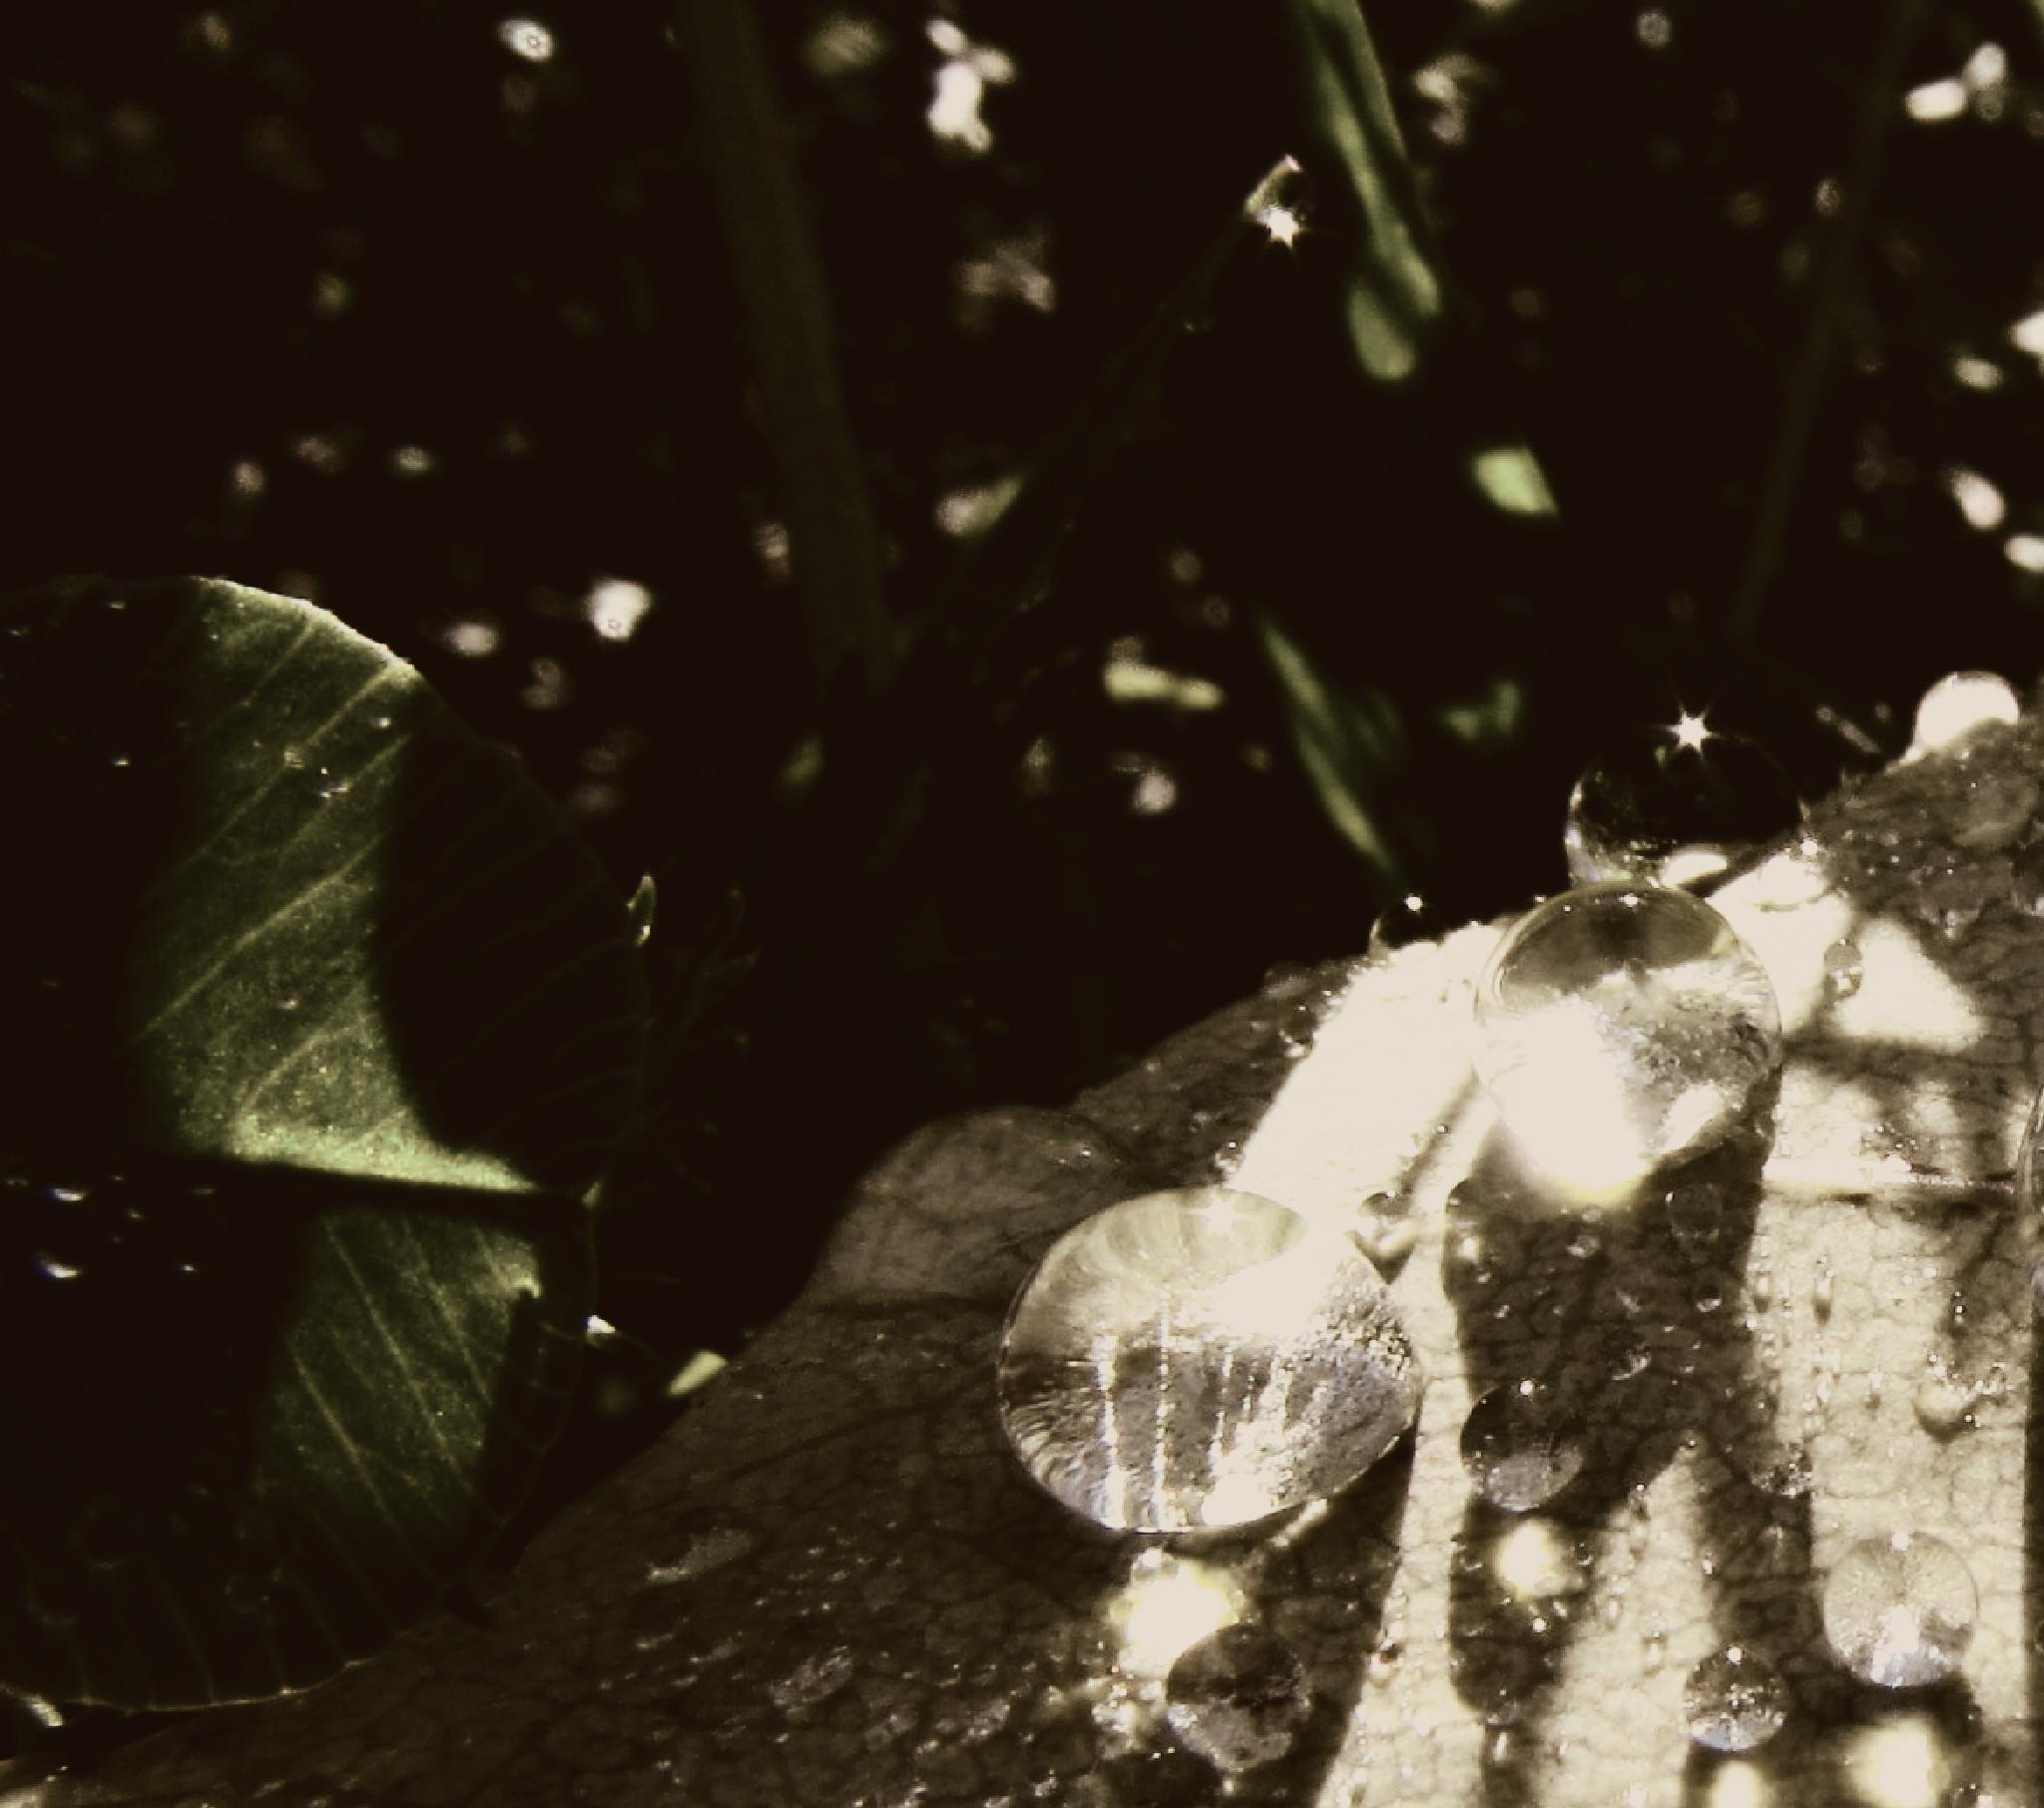 watersdrops by Dragan Dvorski